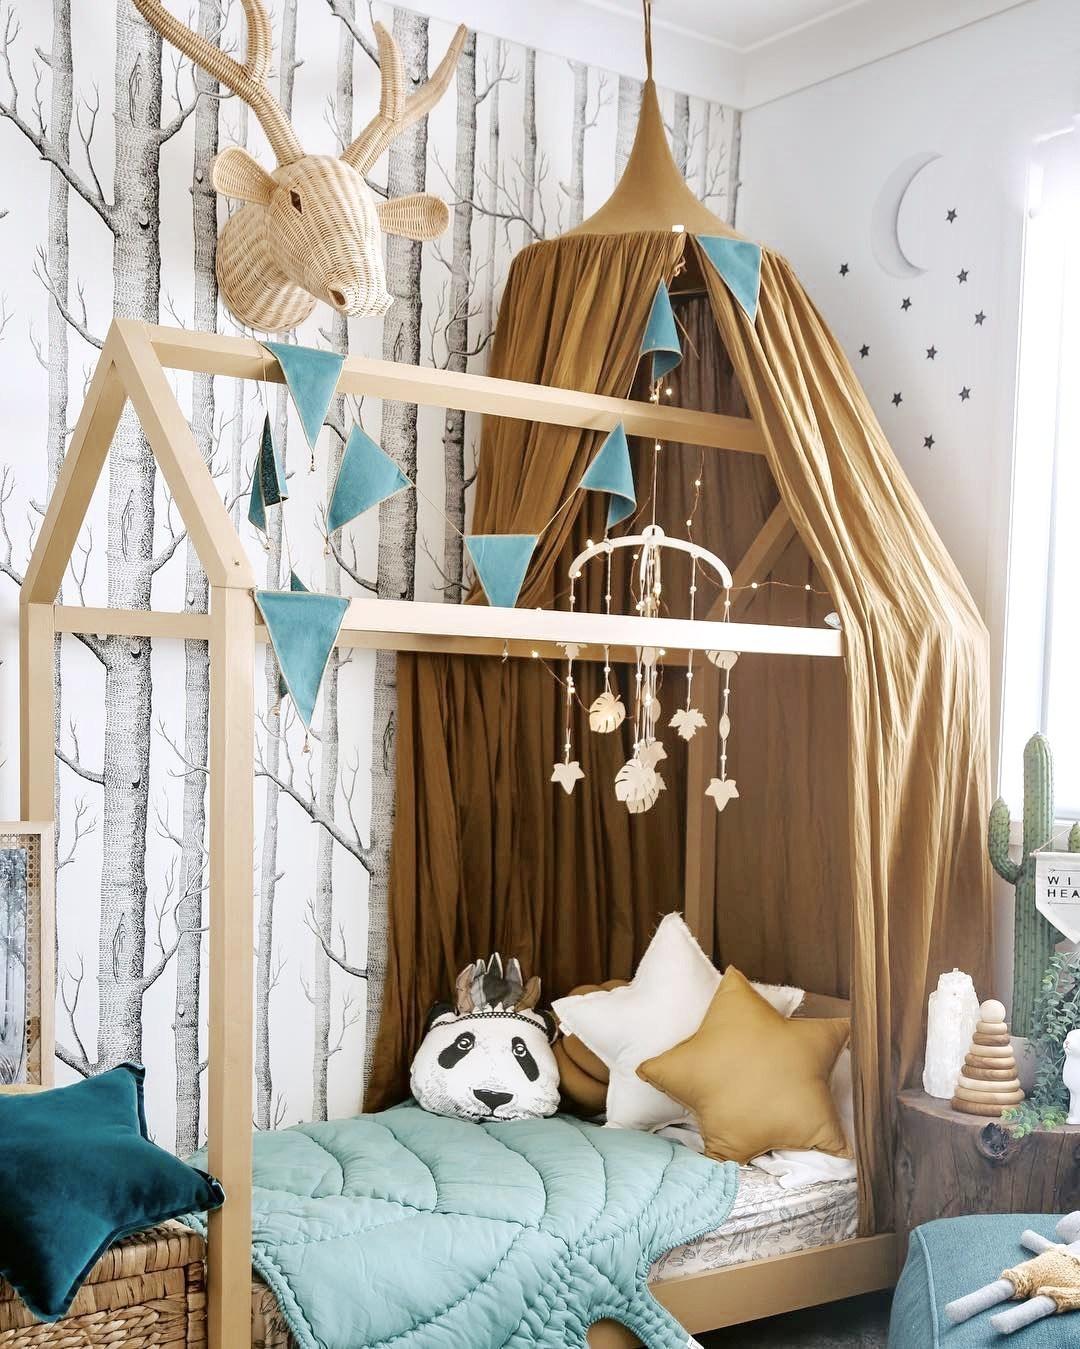 Ý tưởng trang trí phòng bé siêu dễ thương với chất liệu thân thiện môi trường - Ảnh 6.